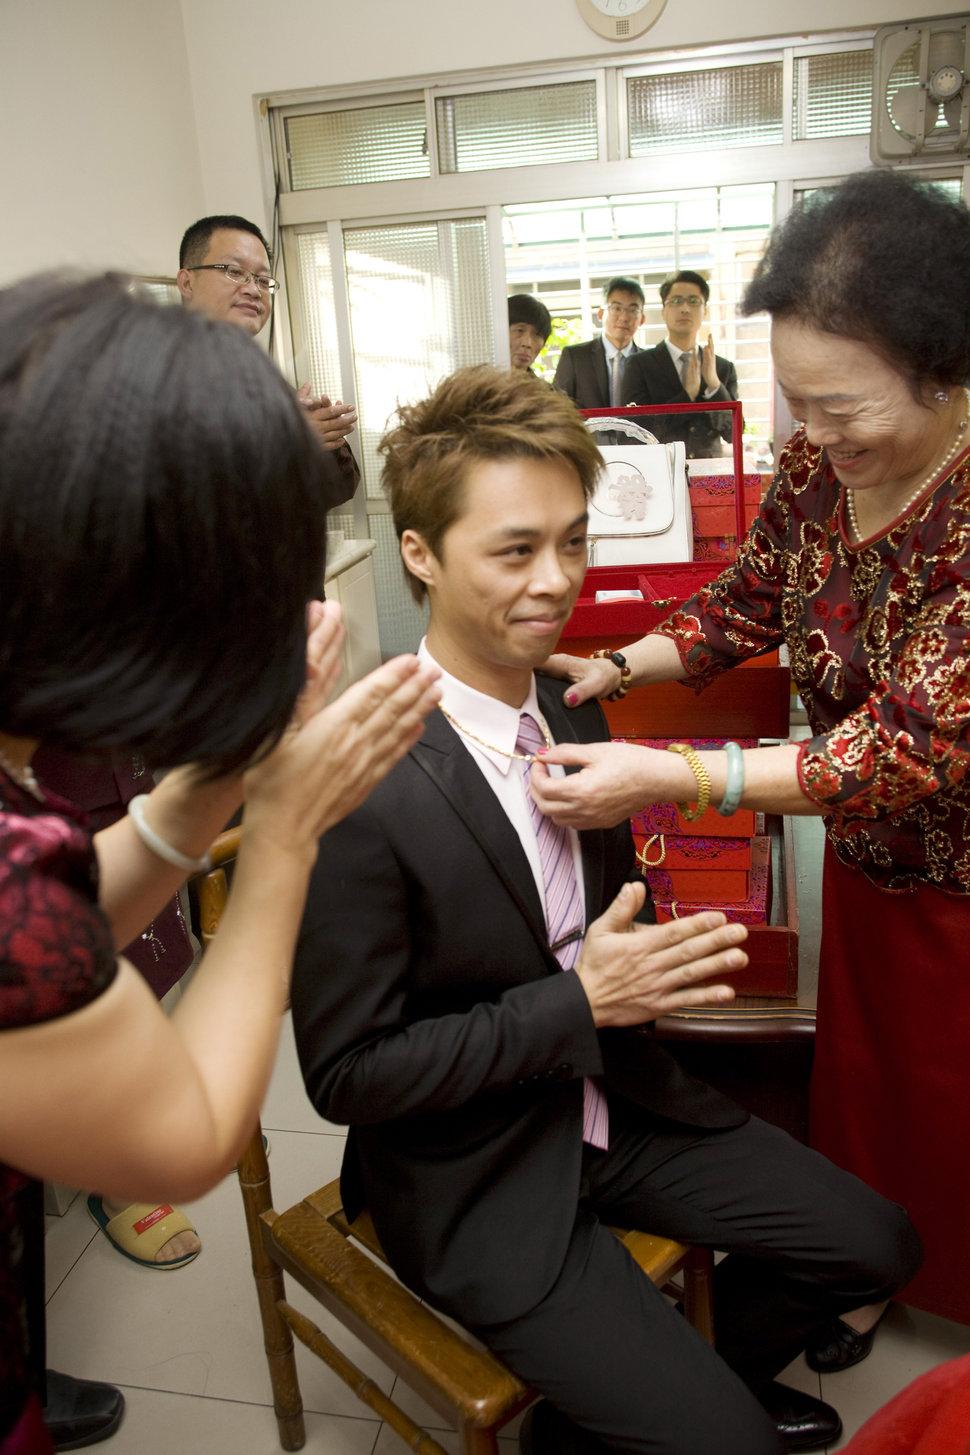 蓓麗宛婚禮時尚(編號:541449) - 蓓麗宛婚禮時尚 - 結婚吧